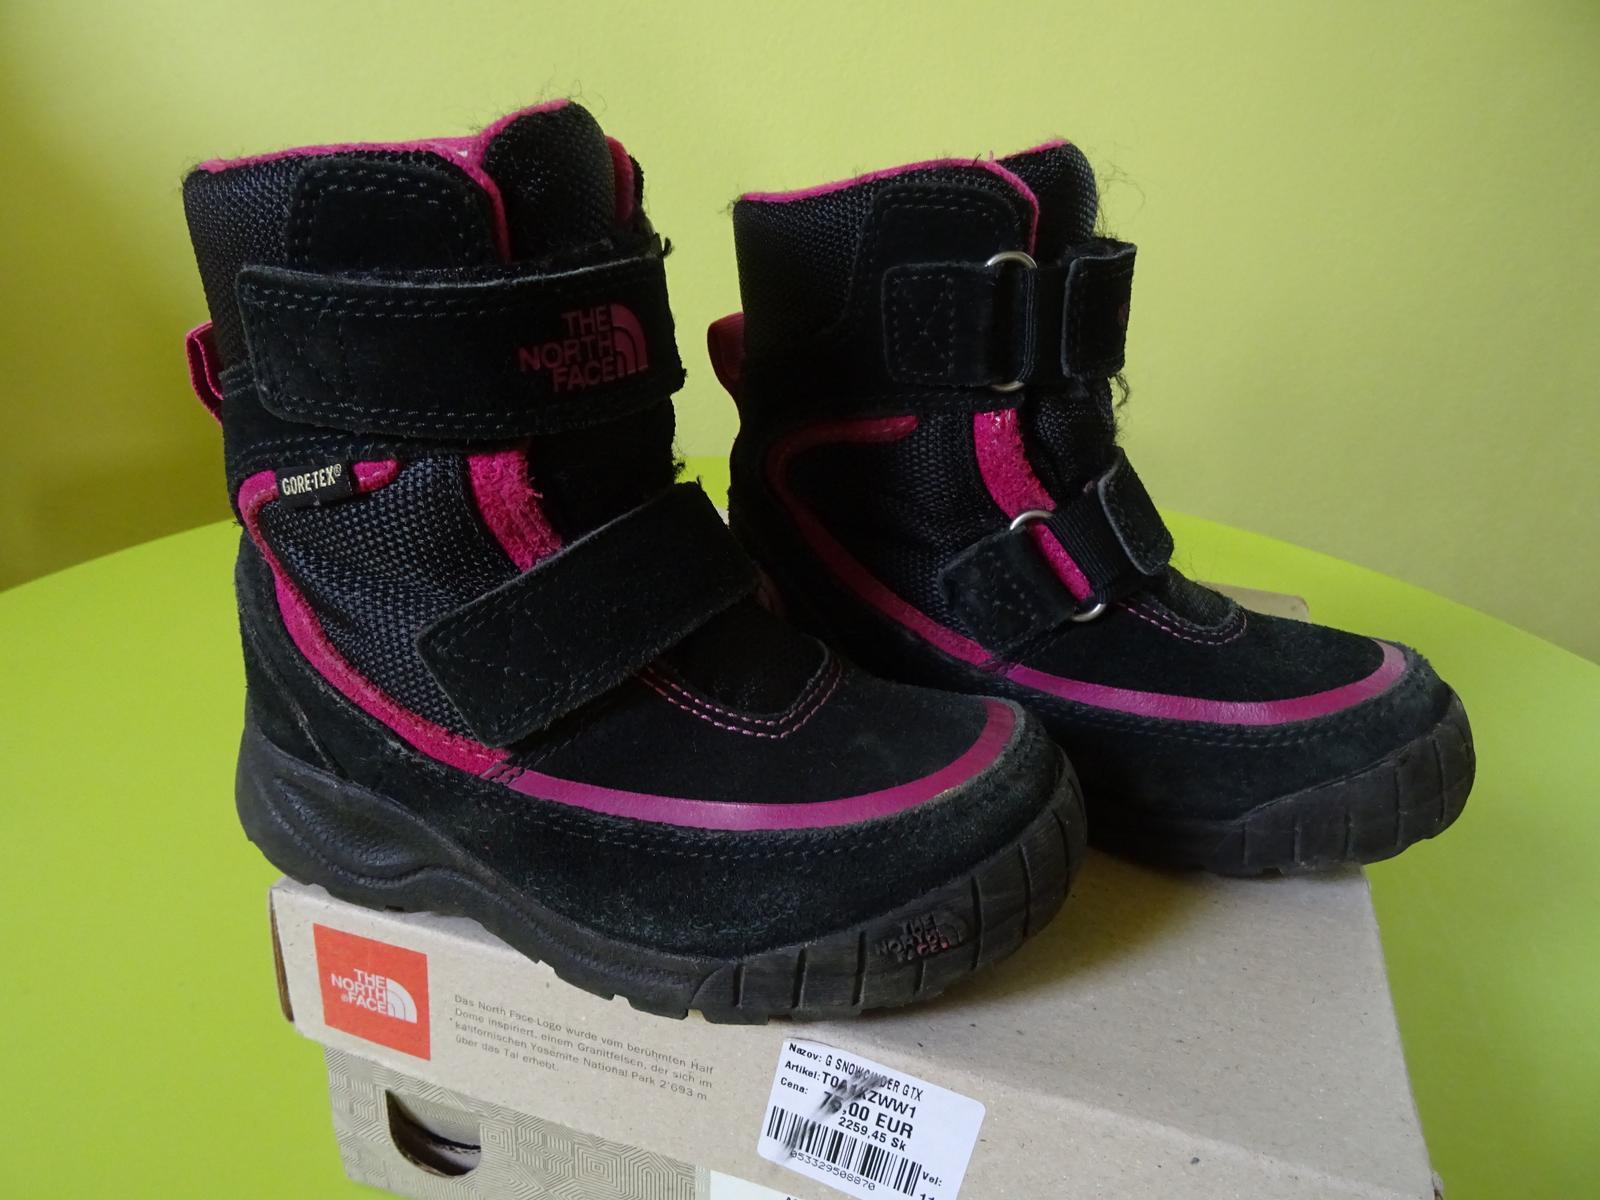 3c0c01dc7c19 Kvalitné zimné topánky značky the north face